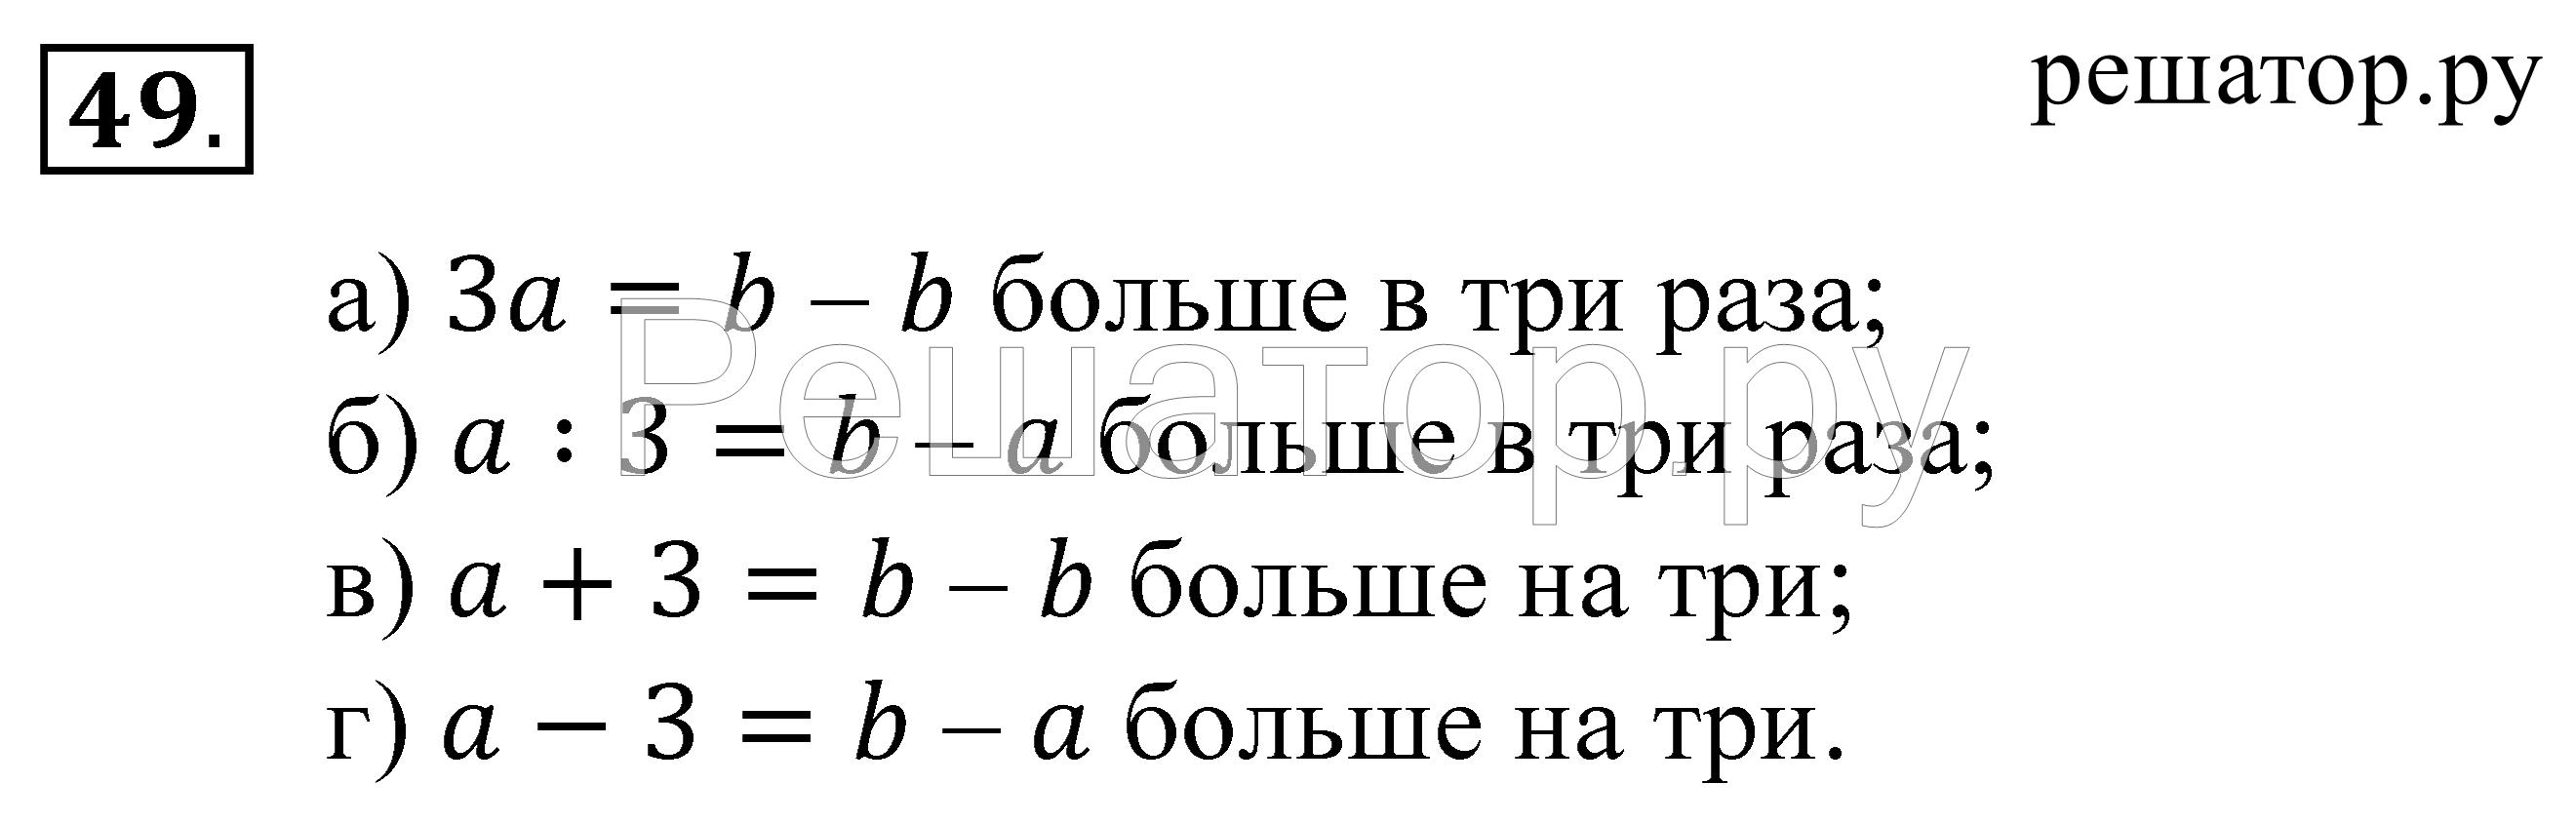 reshebnik-po-matematike-za-5-klass-onlayn-zubareva-mordkovich-domashnie-kontrolnie-raboti-sbita-produktsii-prezentatsiya